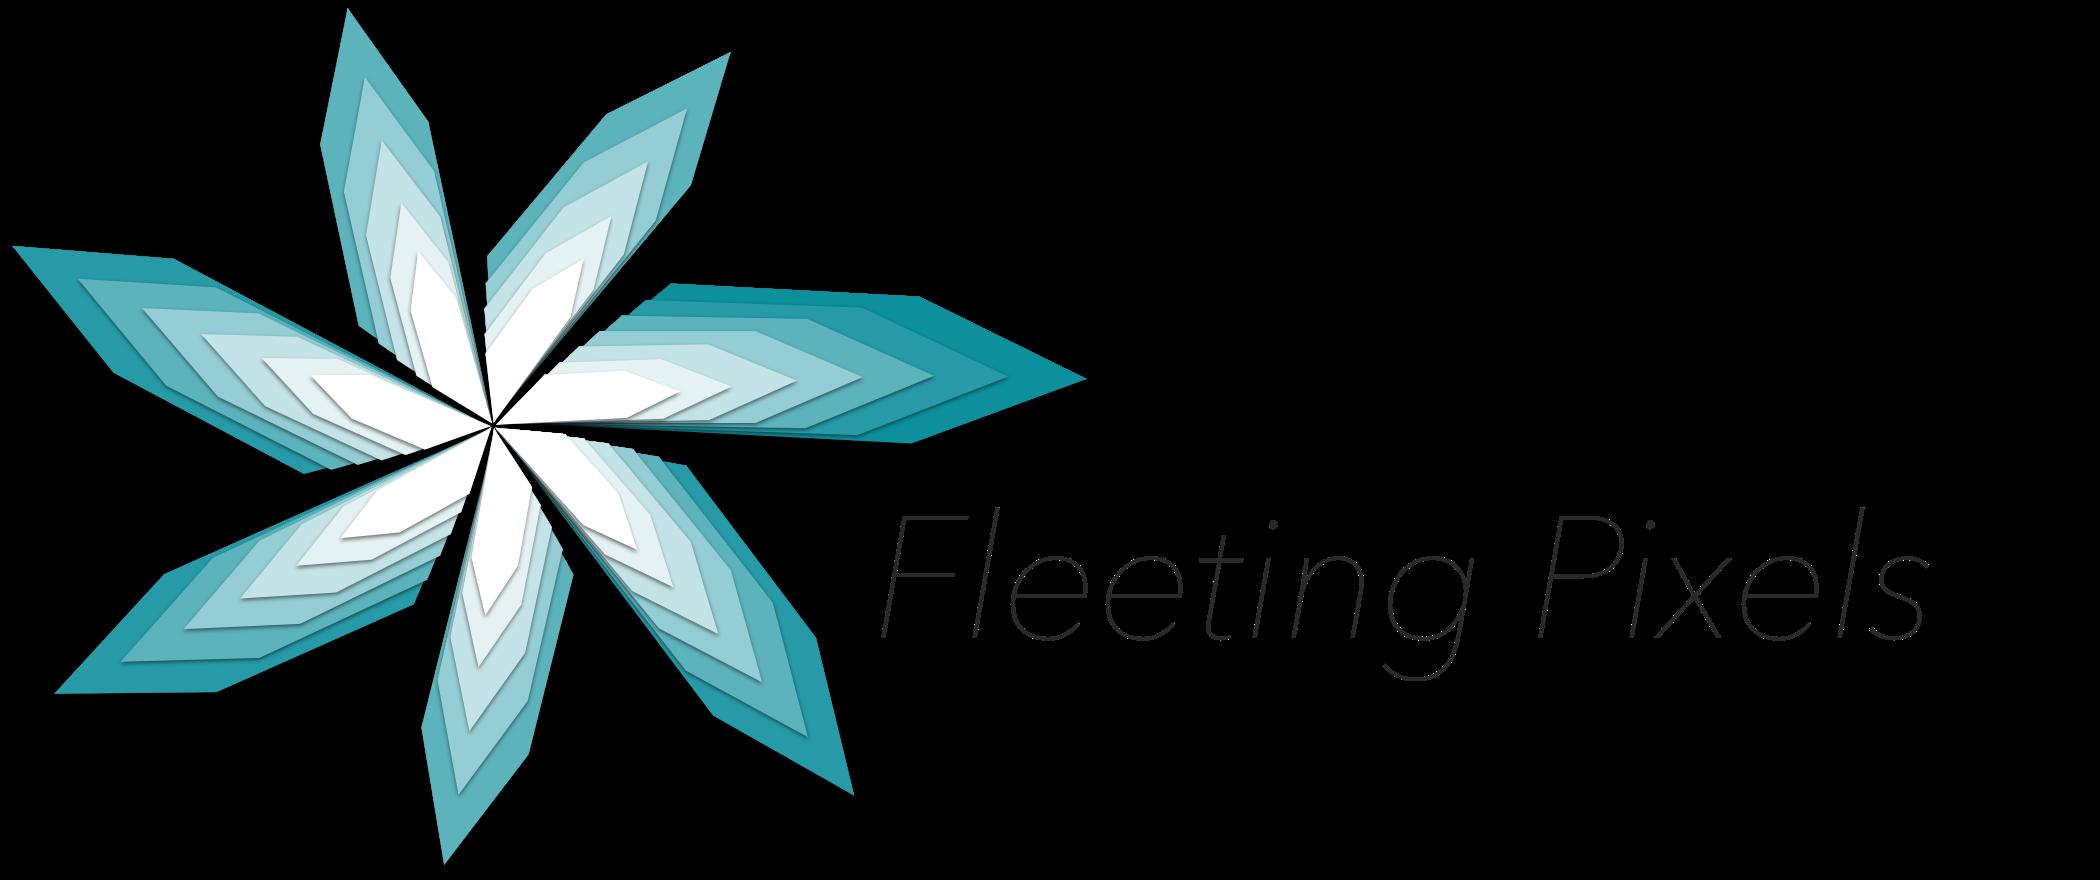 Fleeting Pixels